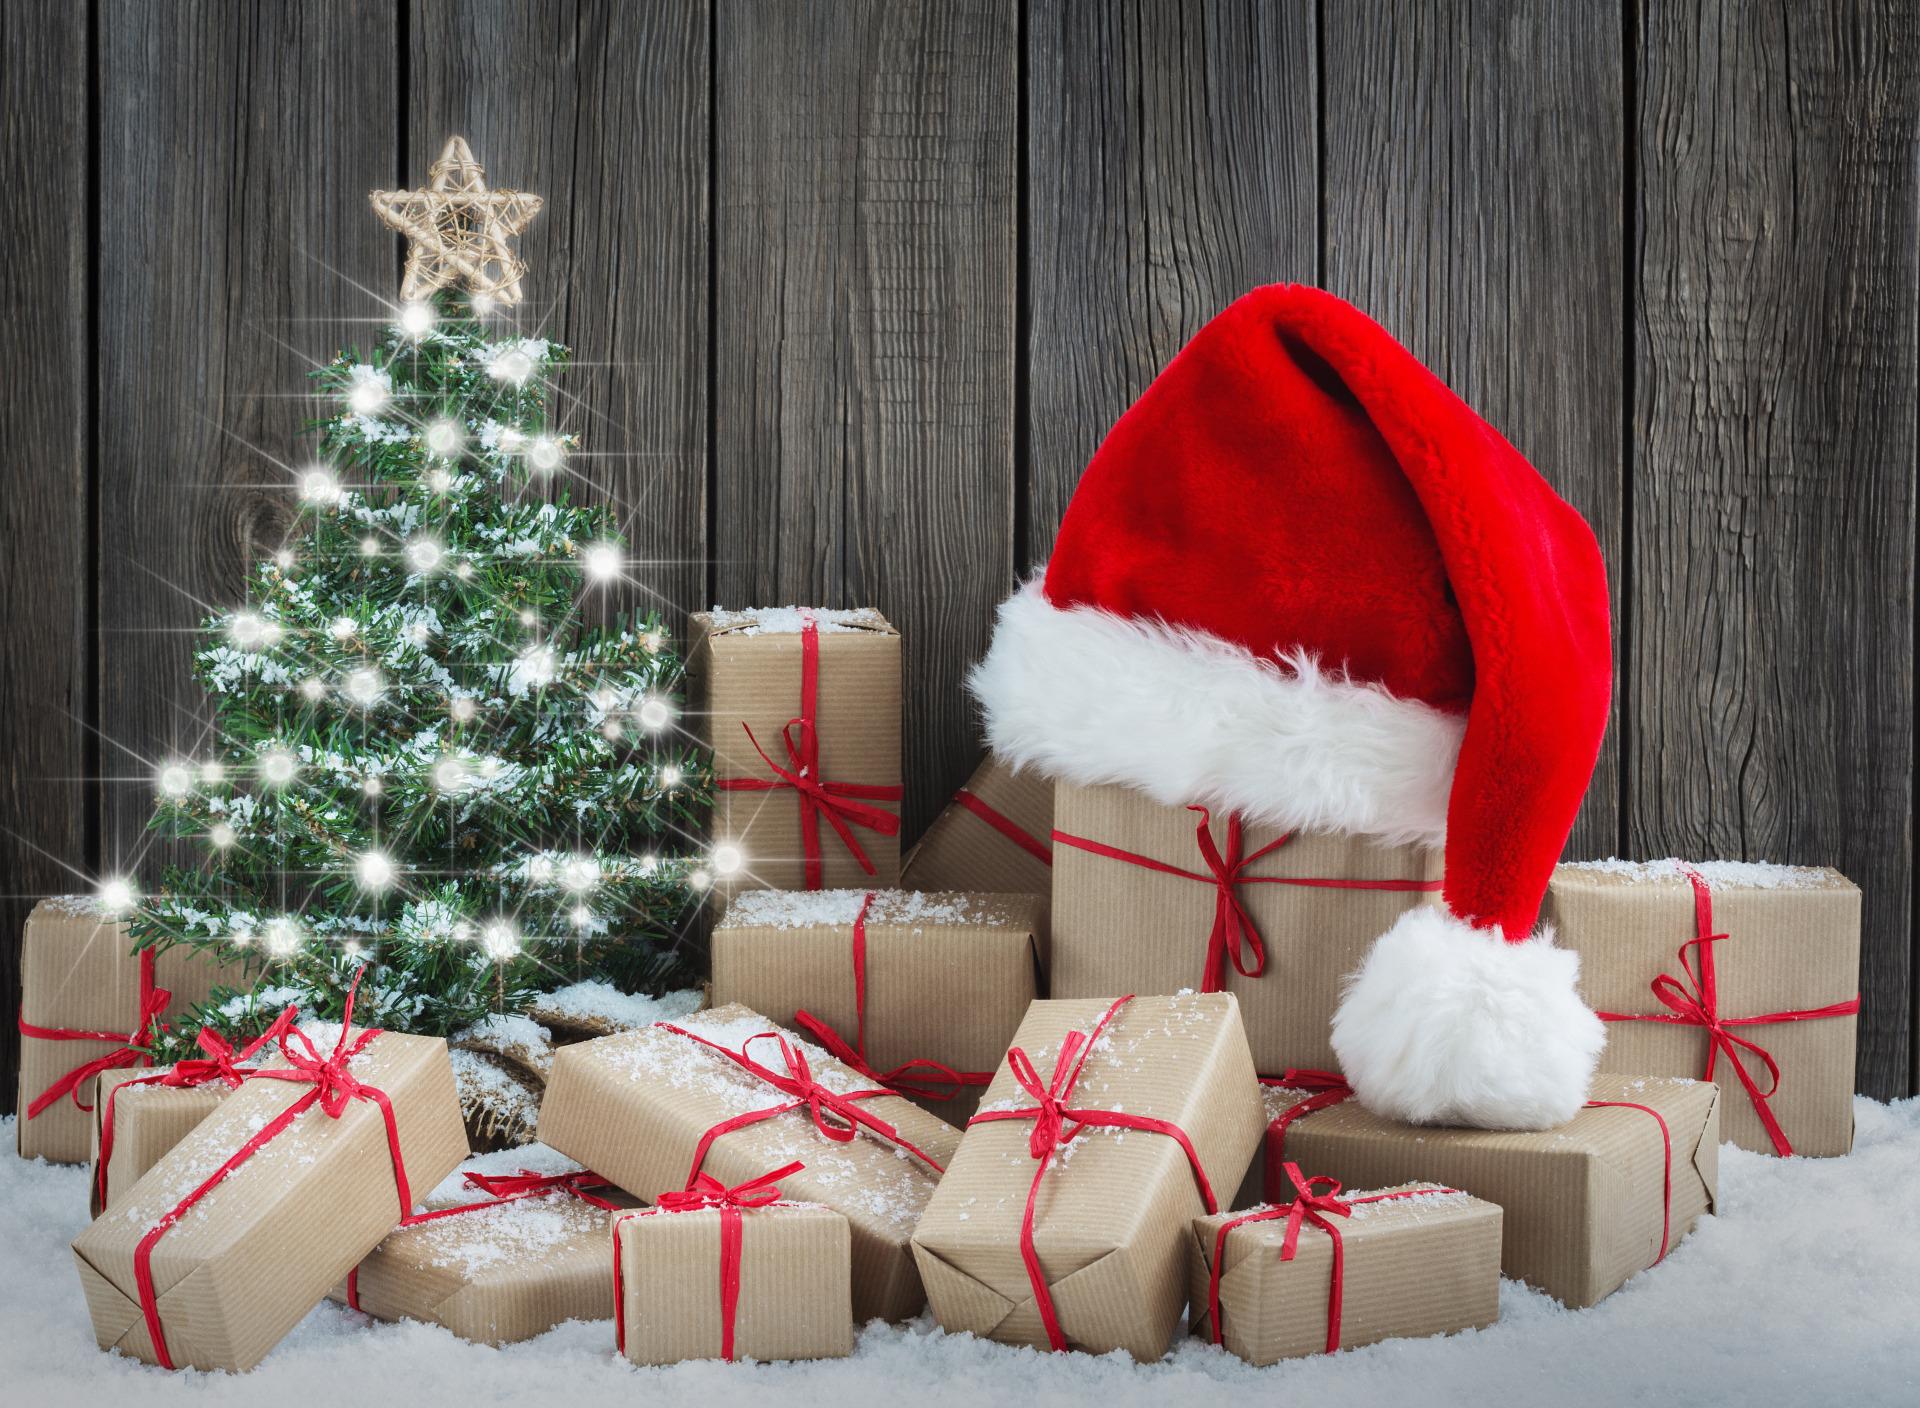 фото с новогодними подарками под елкой плотной структуры дерева